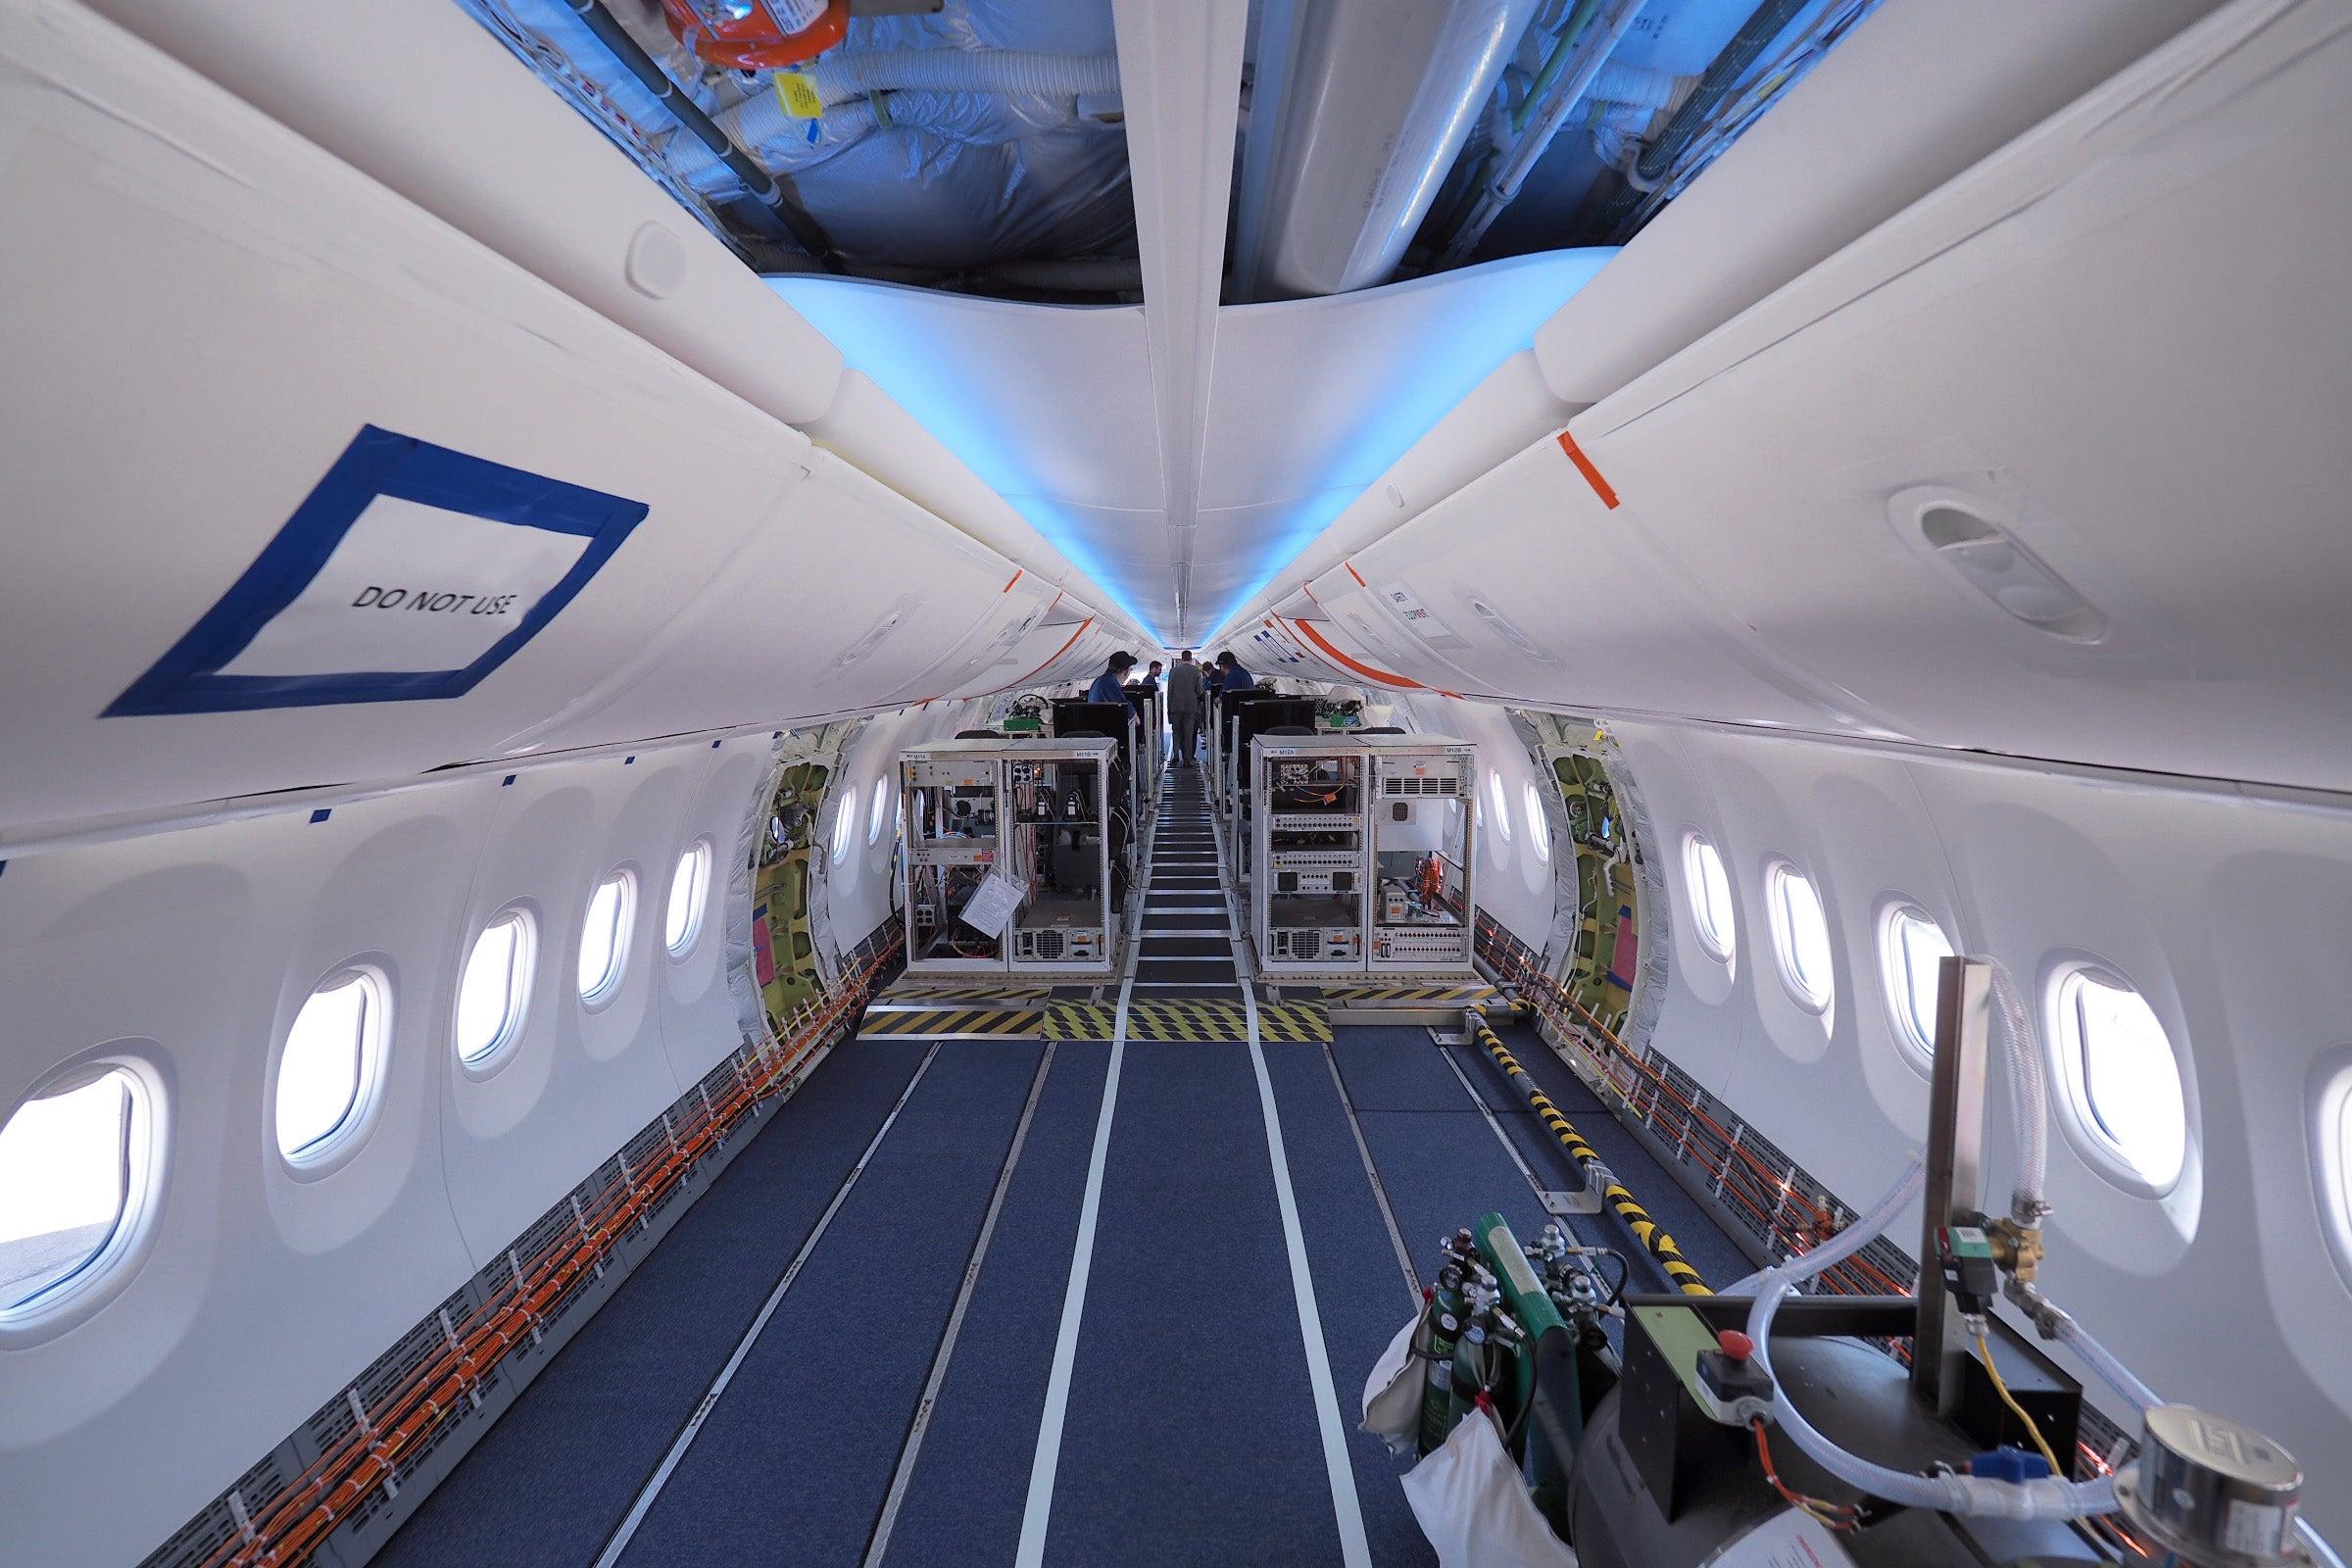 air canada 737 max 8 interior